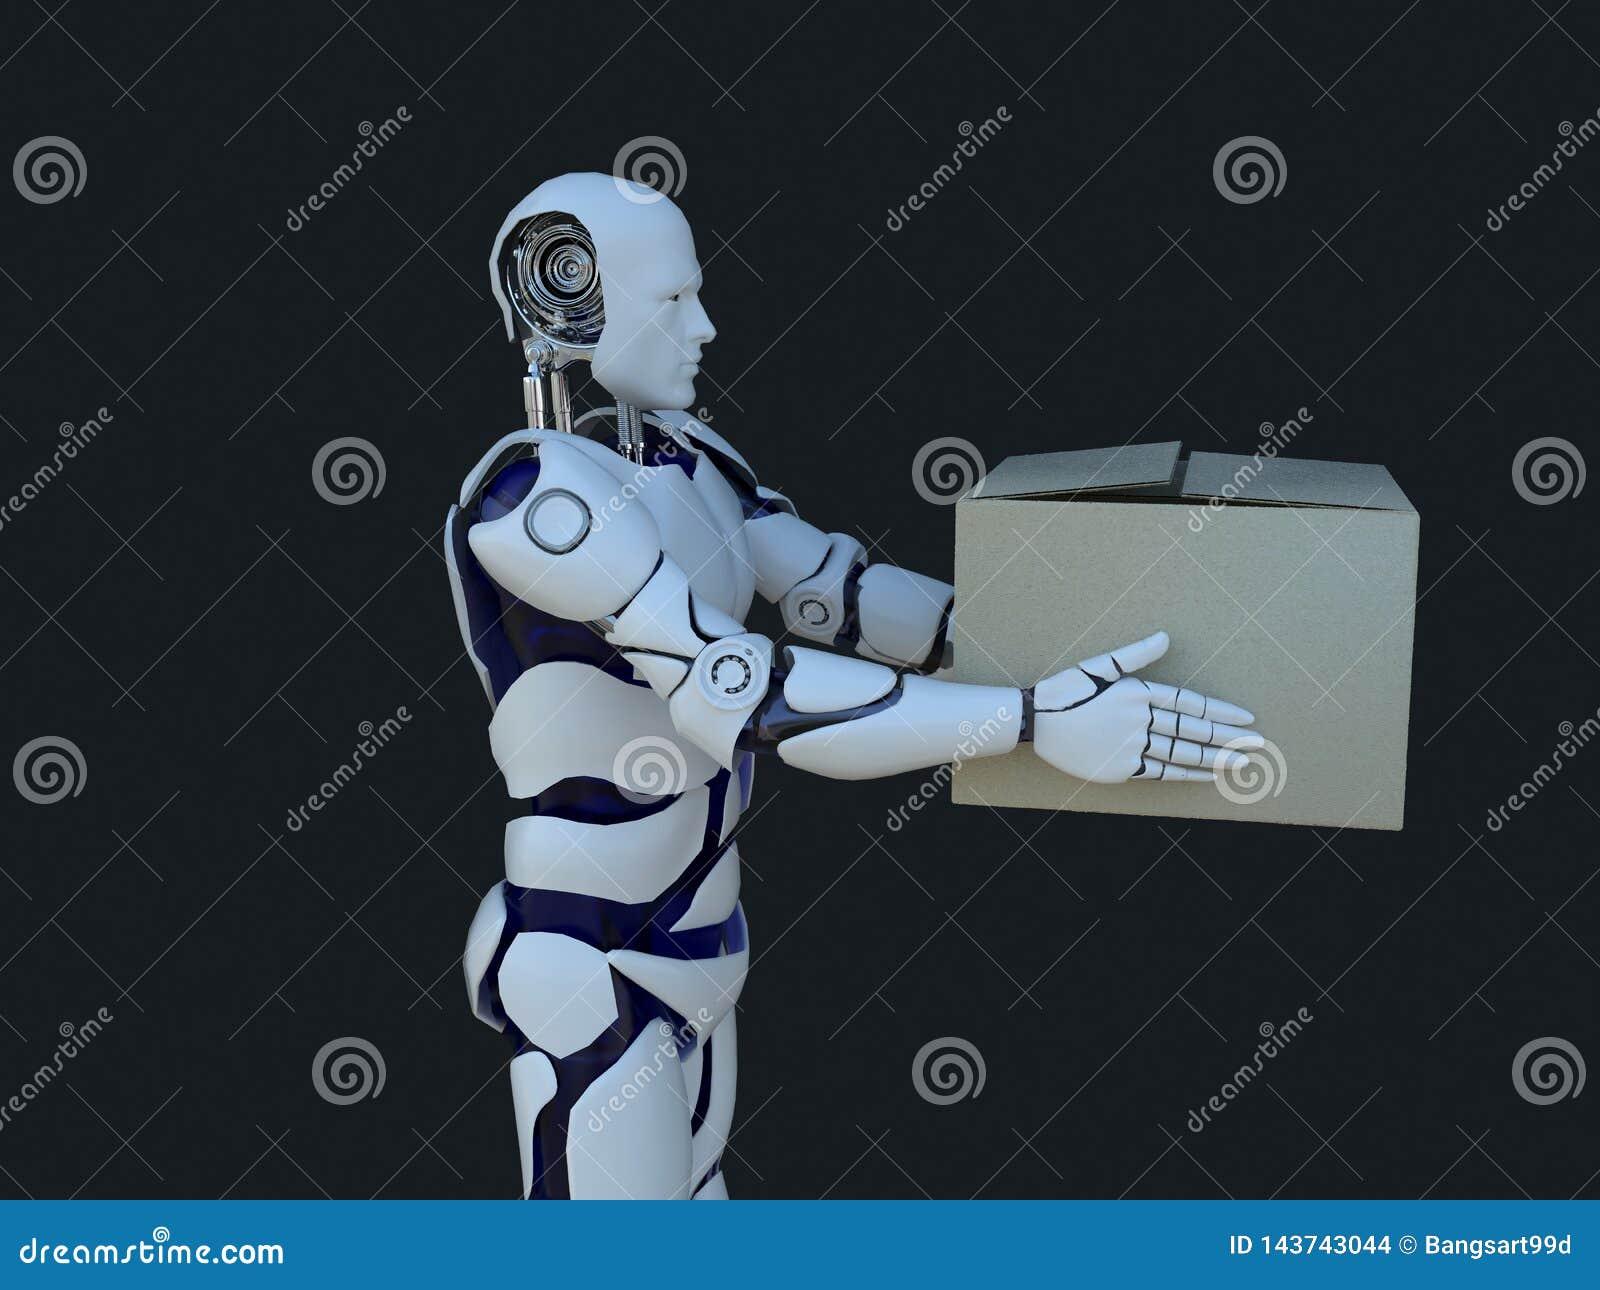 Tecnologia branca do robô que está entregando caixas tecnologia no futuro, em um fundo preto